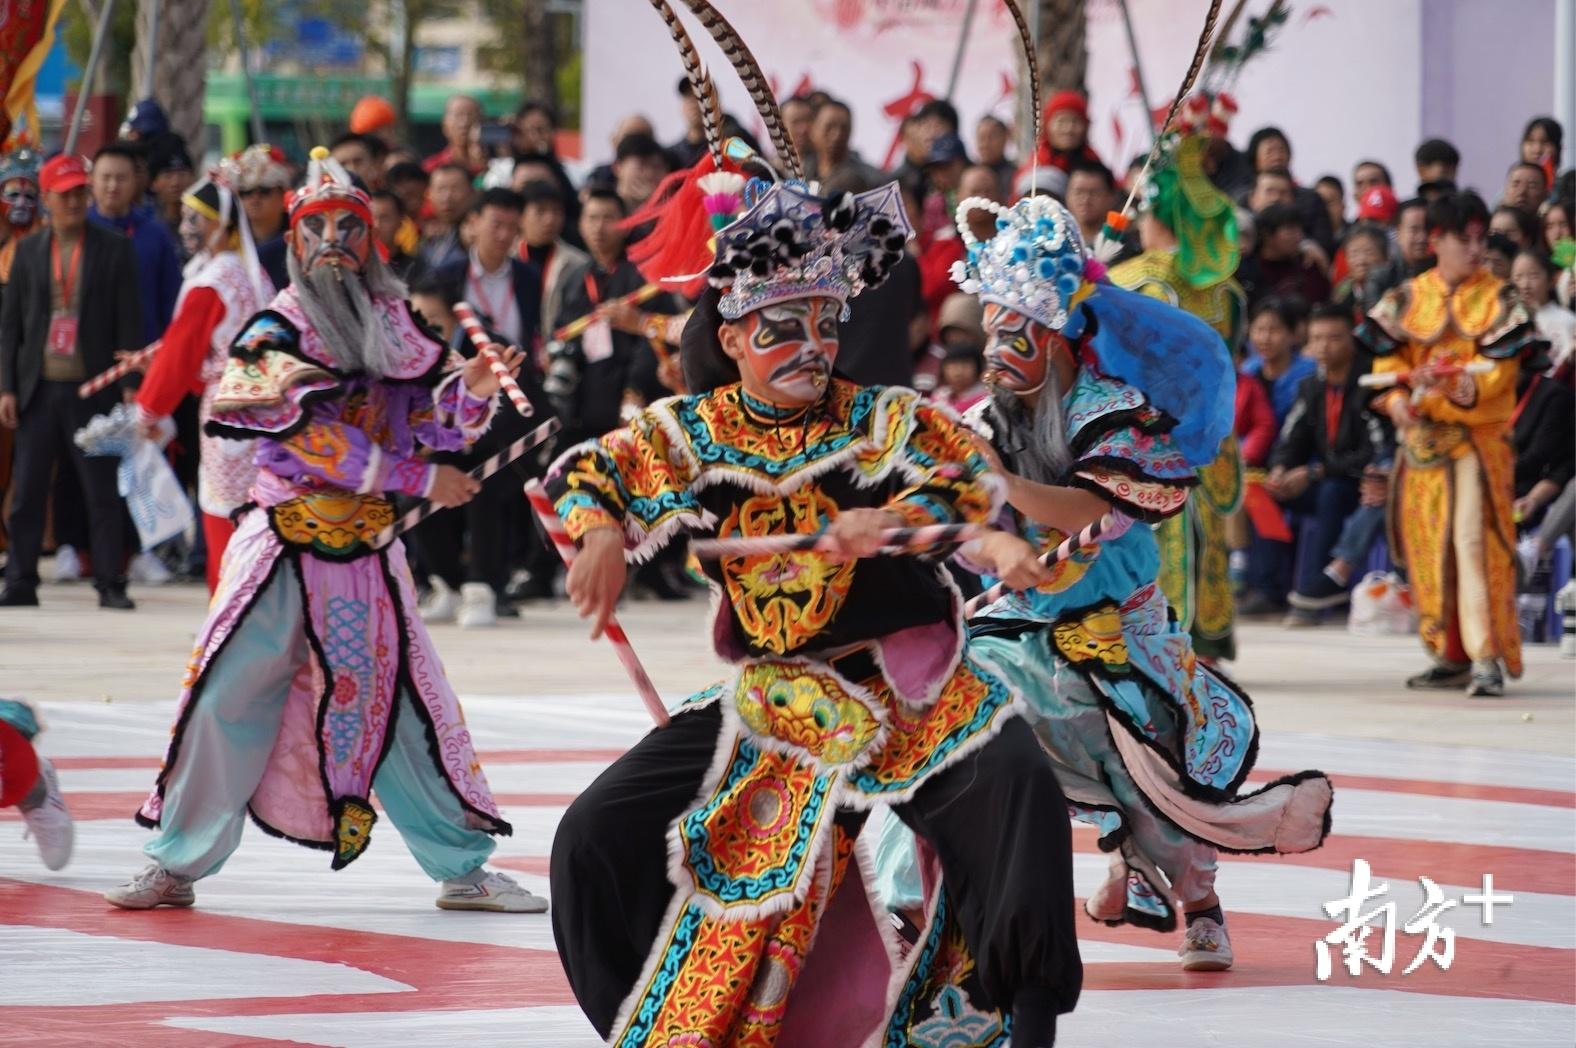 英歌舞是国家级非物质文化遗产、潮汕文化的重要代表。受访者供图